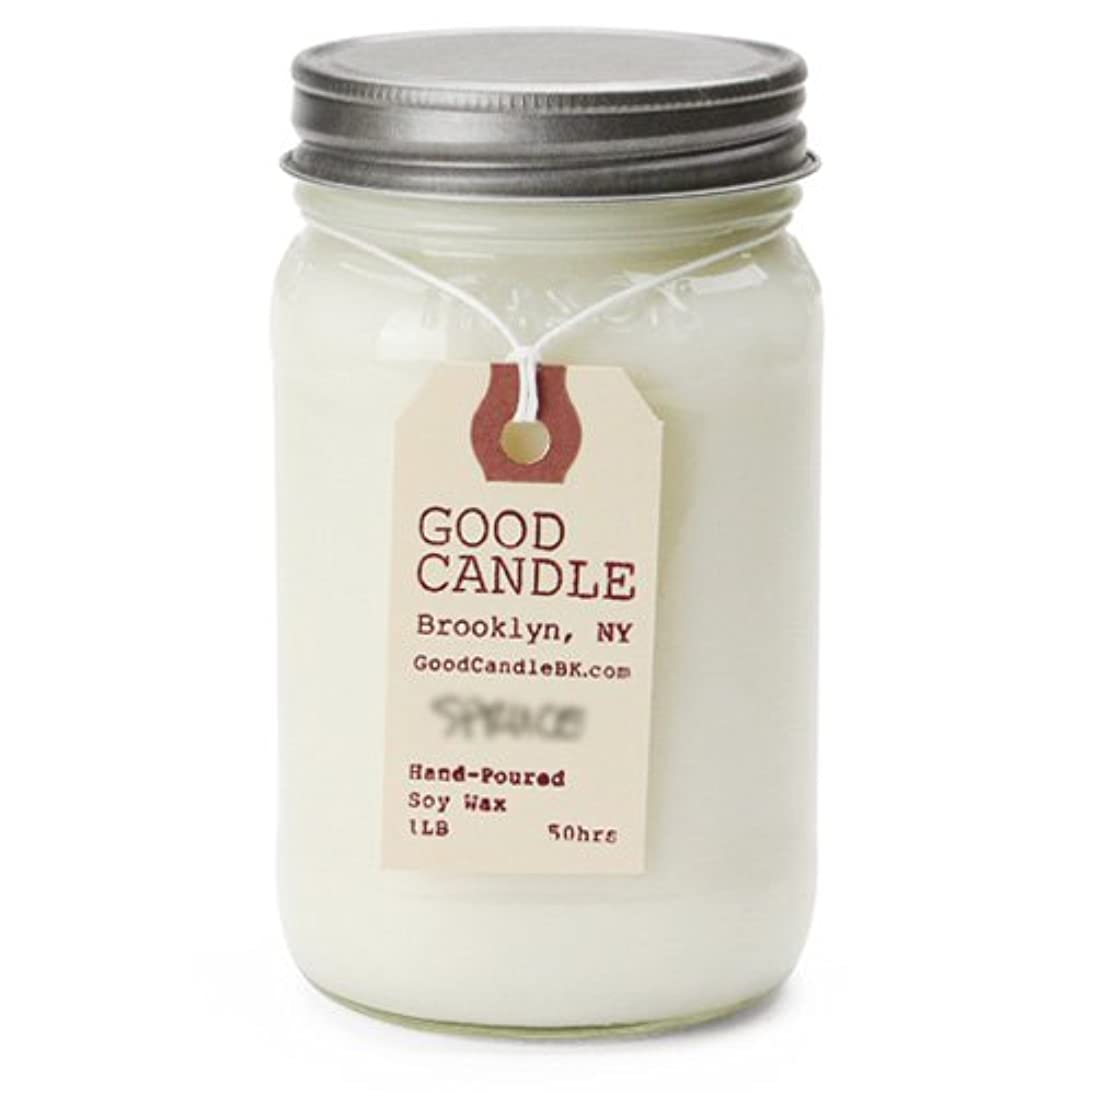 食料品店きつく何十人もグッドキャンドル 1ポンド メイソンジャー キャンドル Good Candle 1LB Mason jar candle [ bayberry ] 正規品